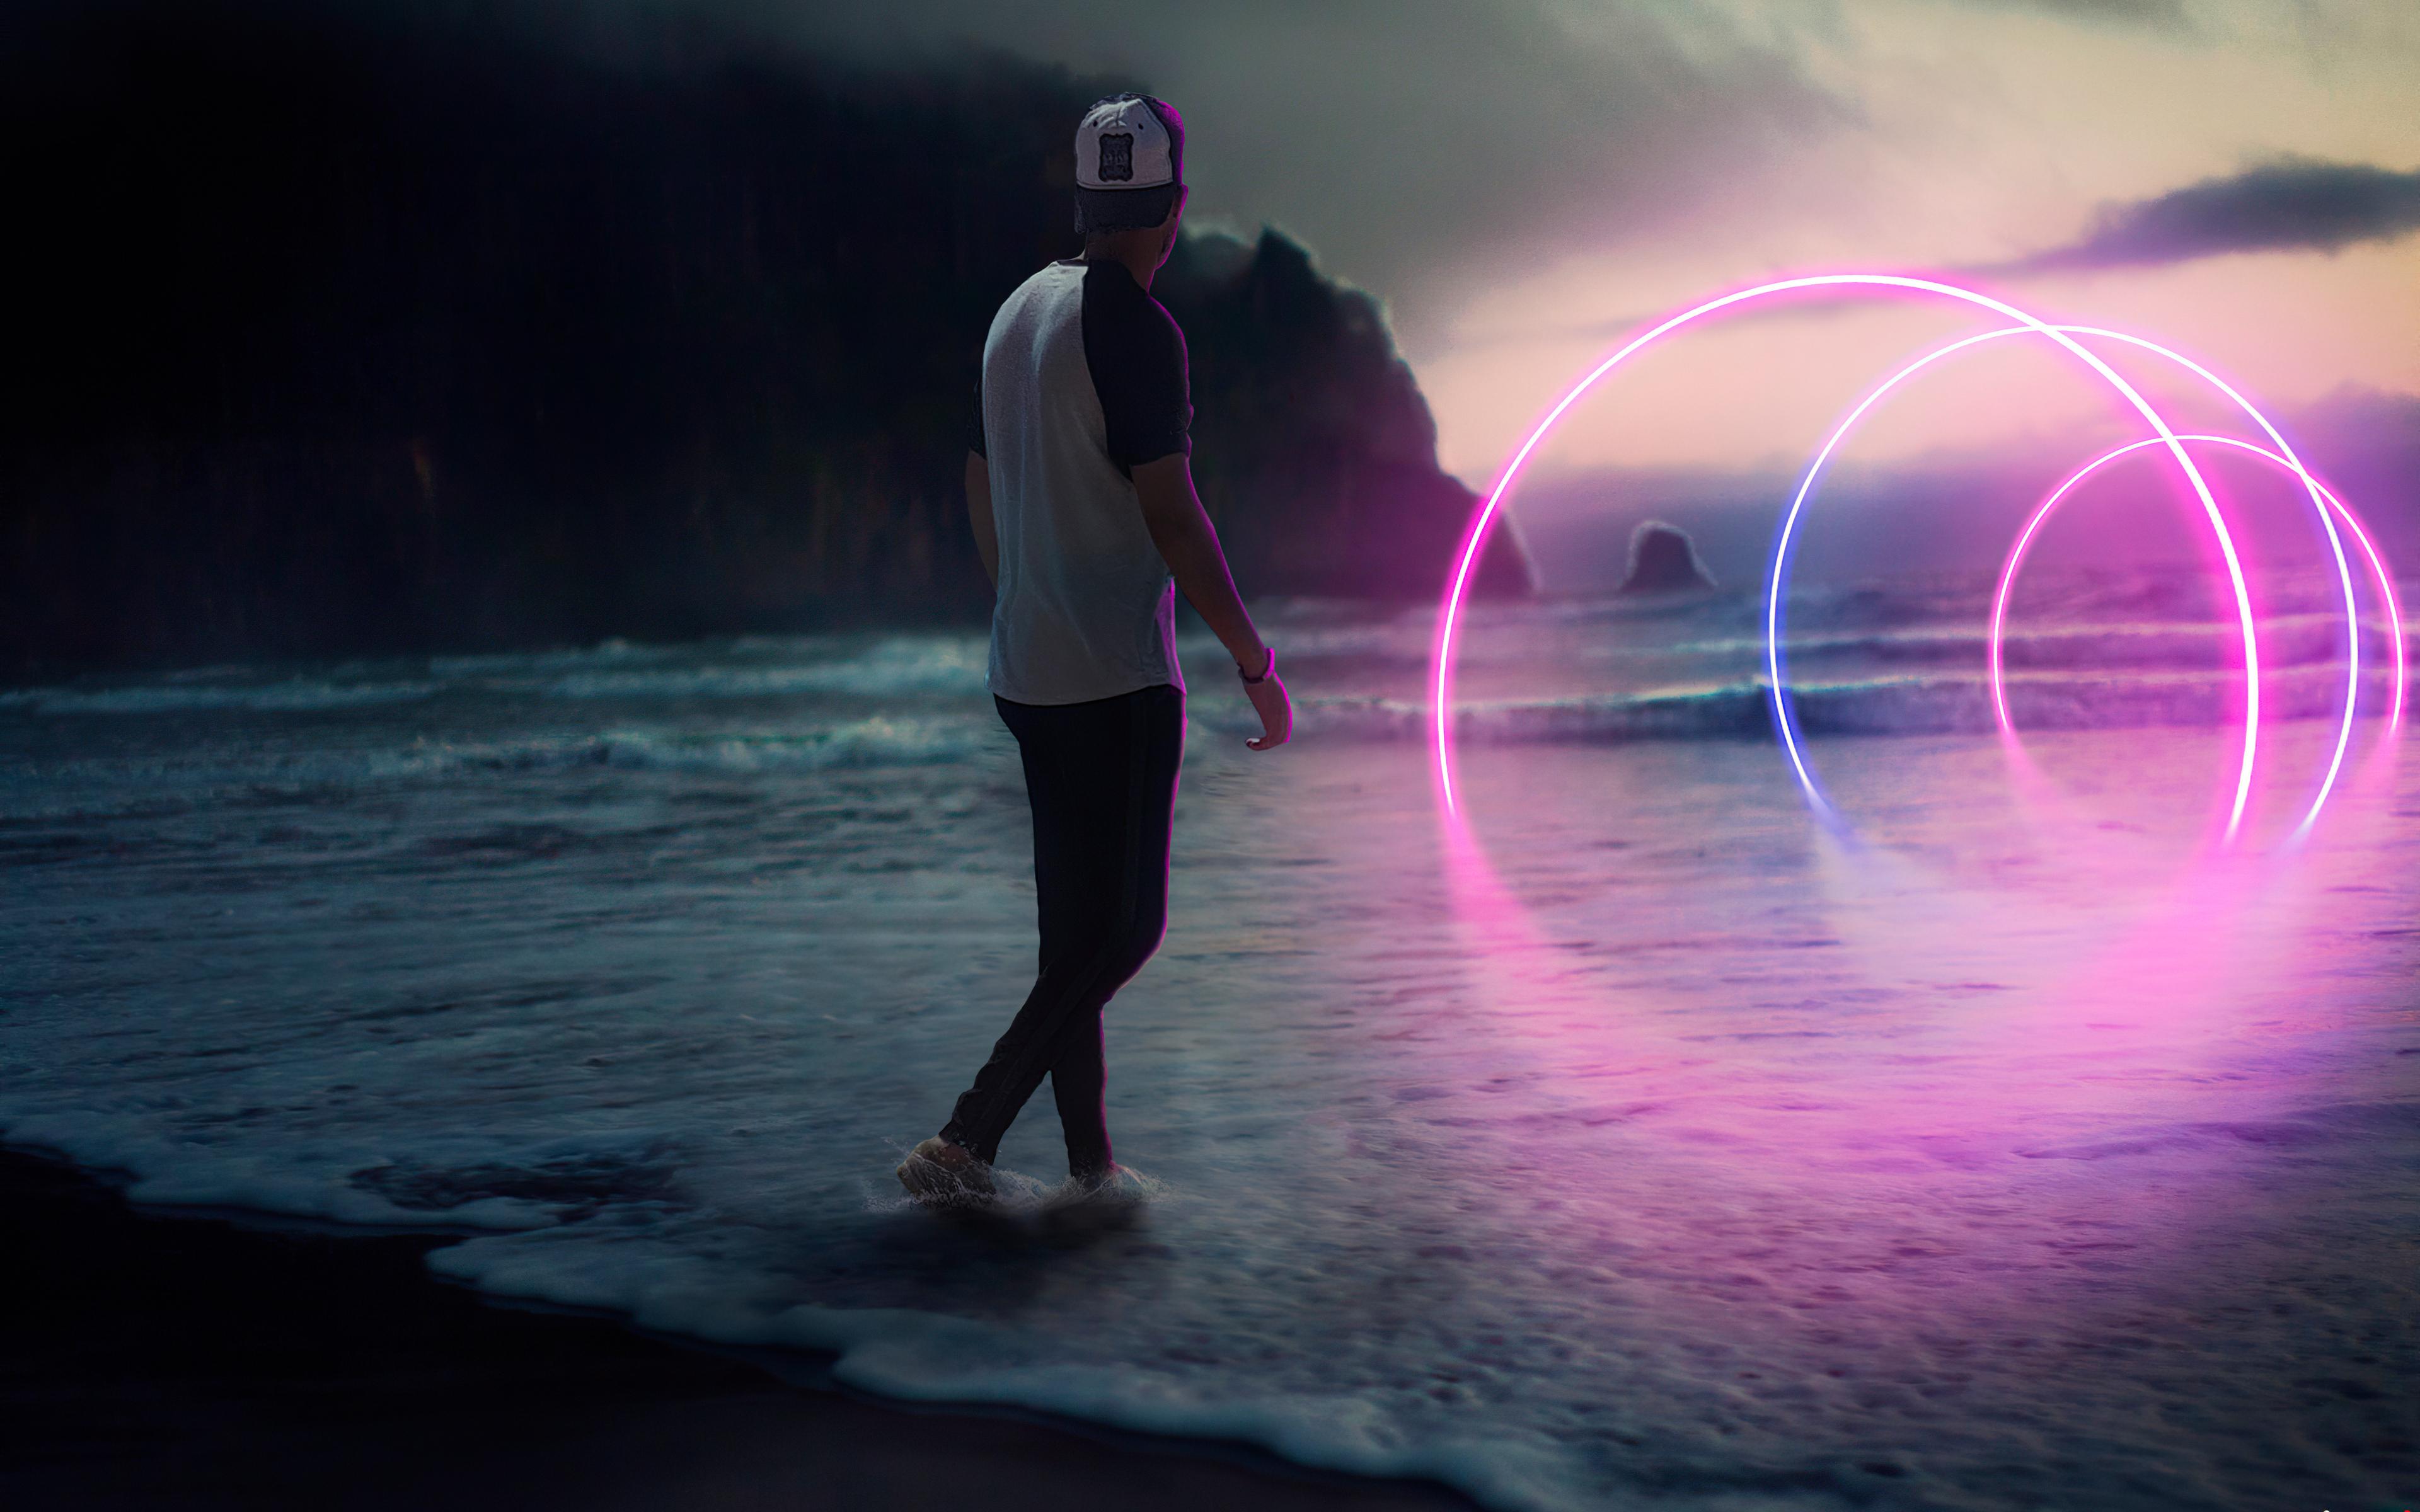 neon-path-beach-boy-4k-nm.jpg